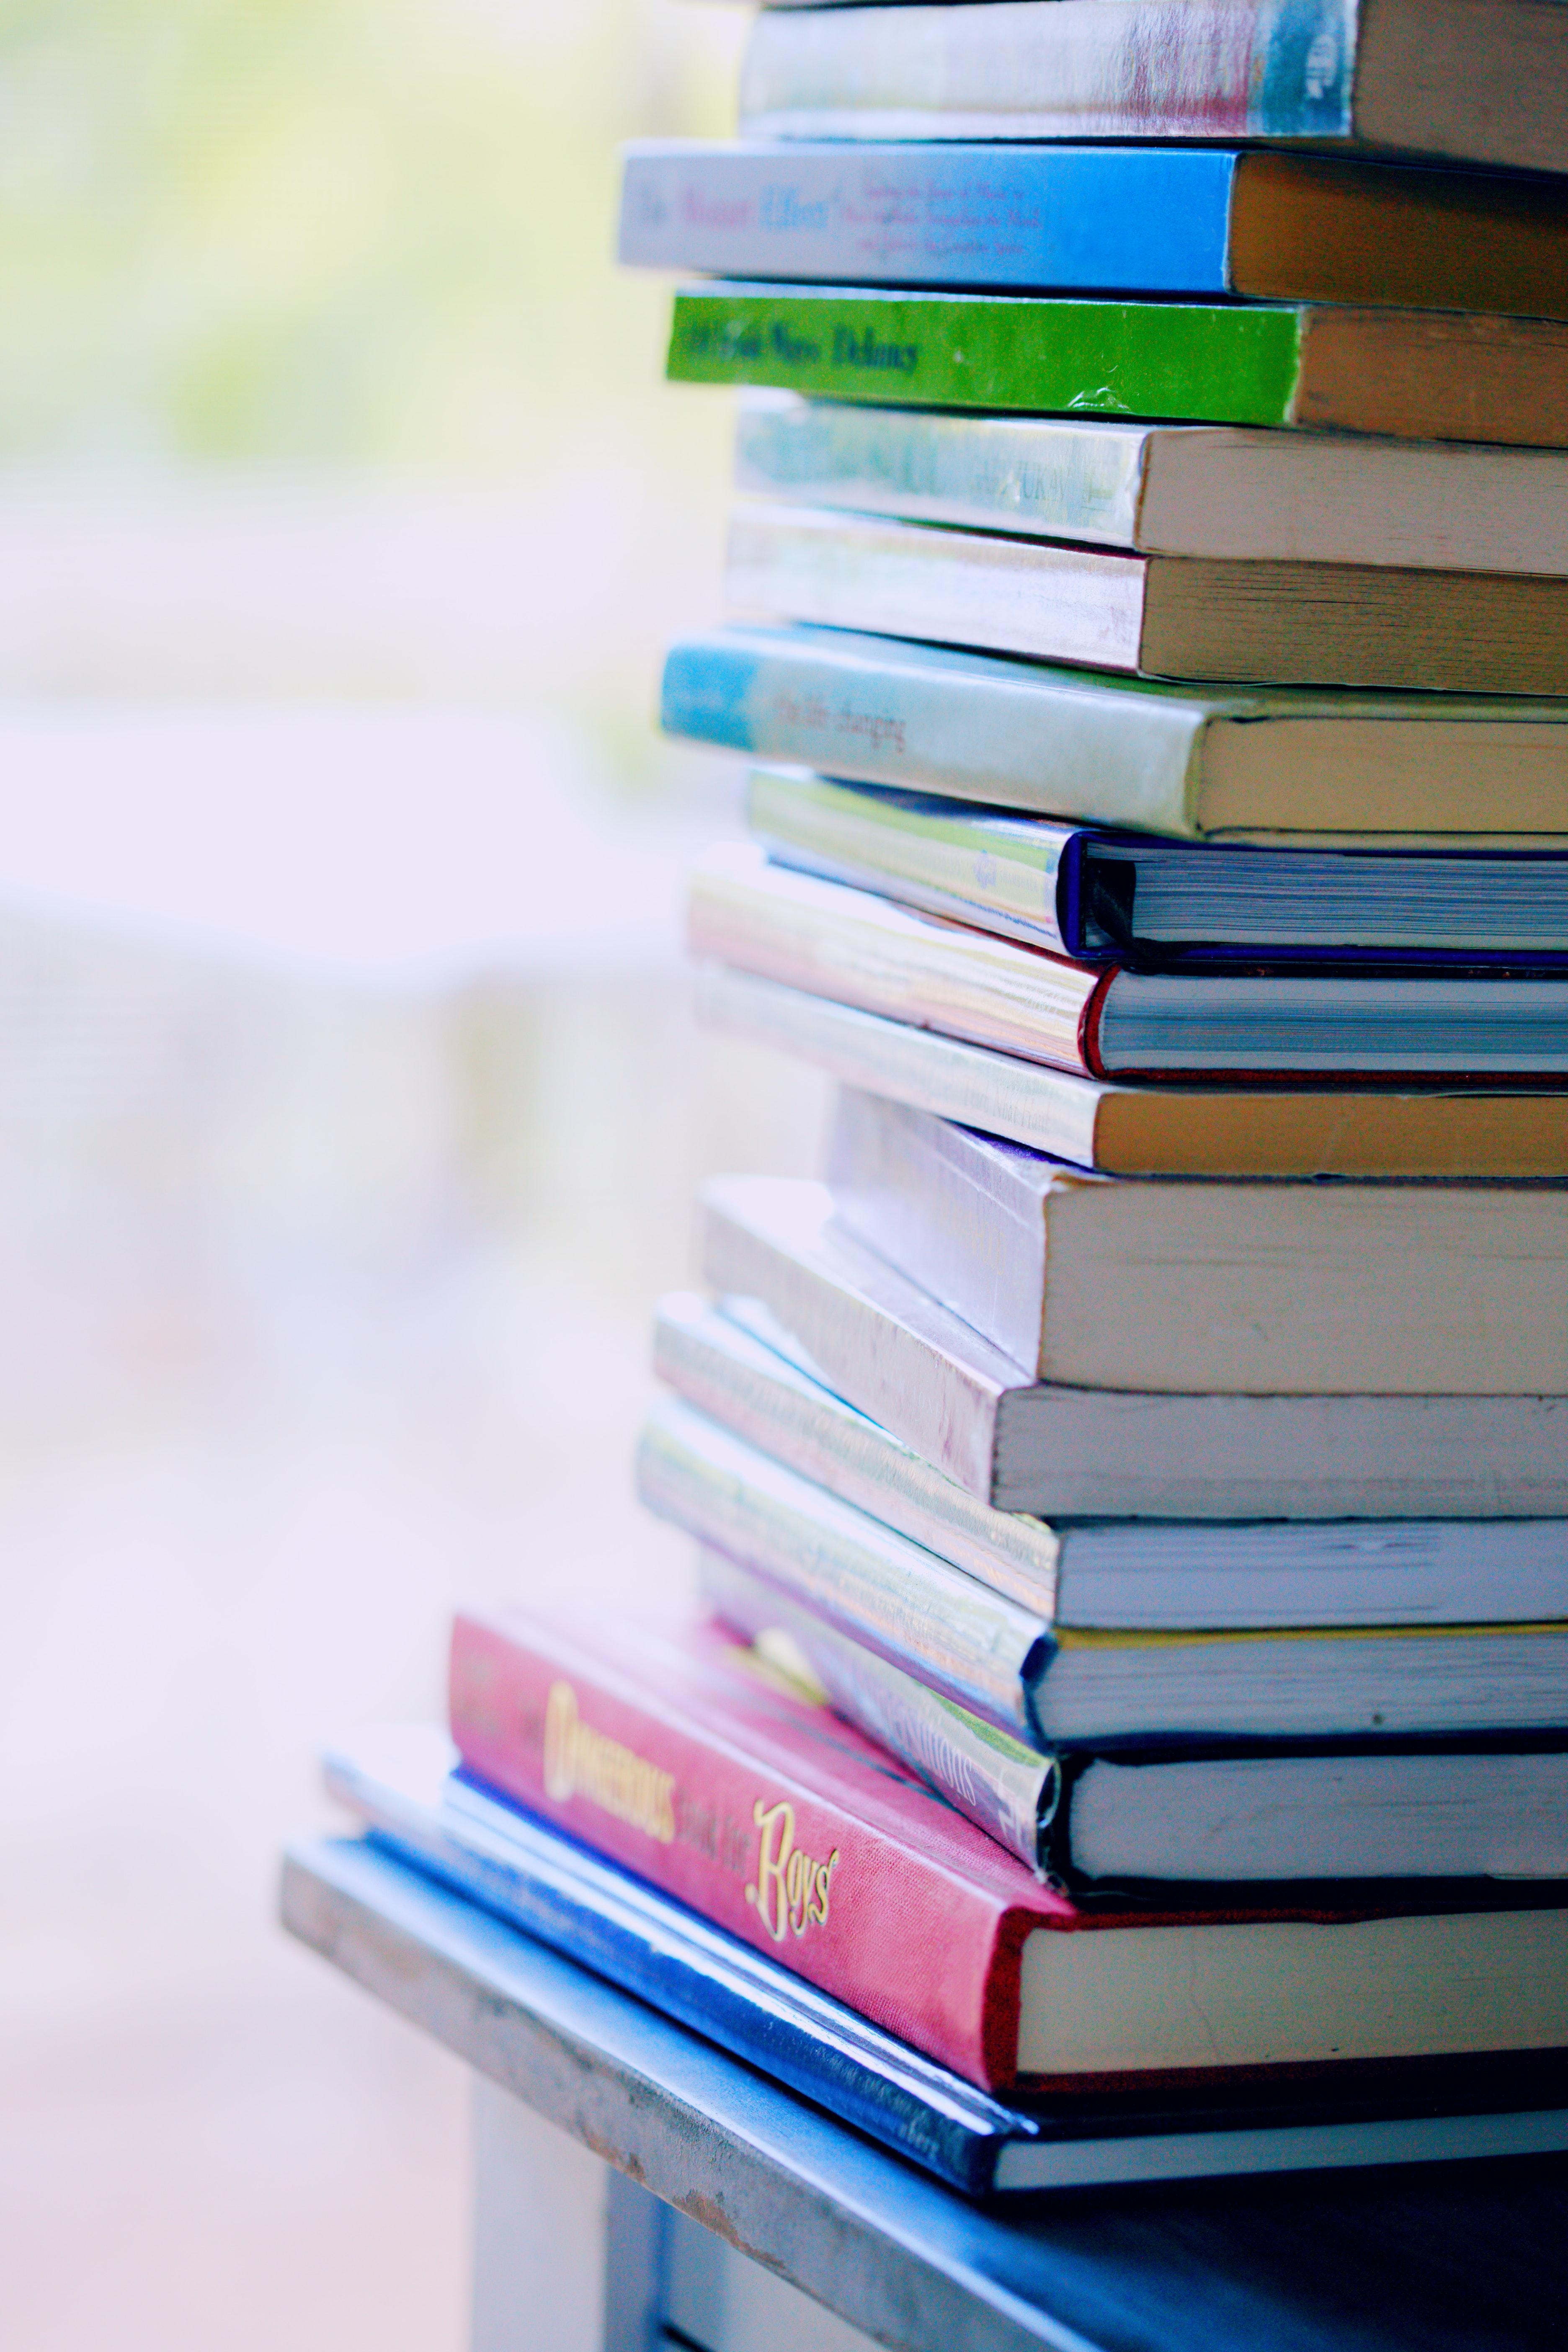 zdjęcie do Komentarz do ustawy najczęściej występuje  w formie książki lub publikacji internetowej, mającej na celu niesienie pomocy czytelnikowi w dokonywaniu interpretacji przepisów. W tym artykule wskażemy zakres komentarzy do ustawy deweloperskiej.